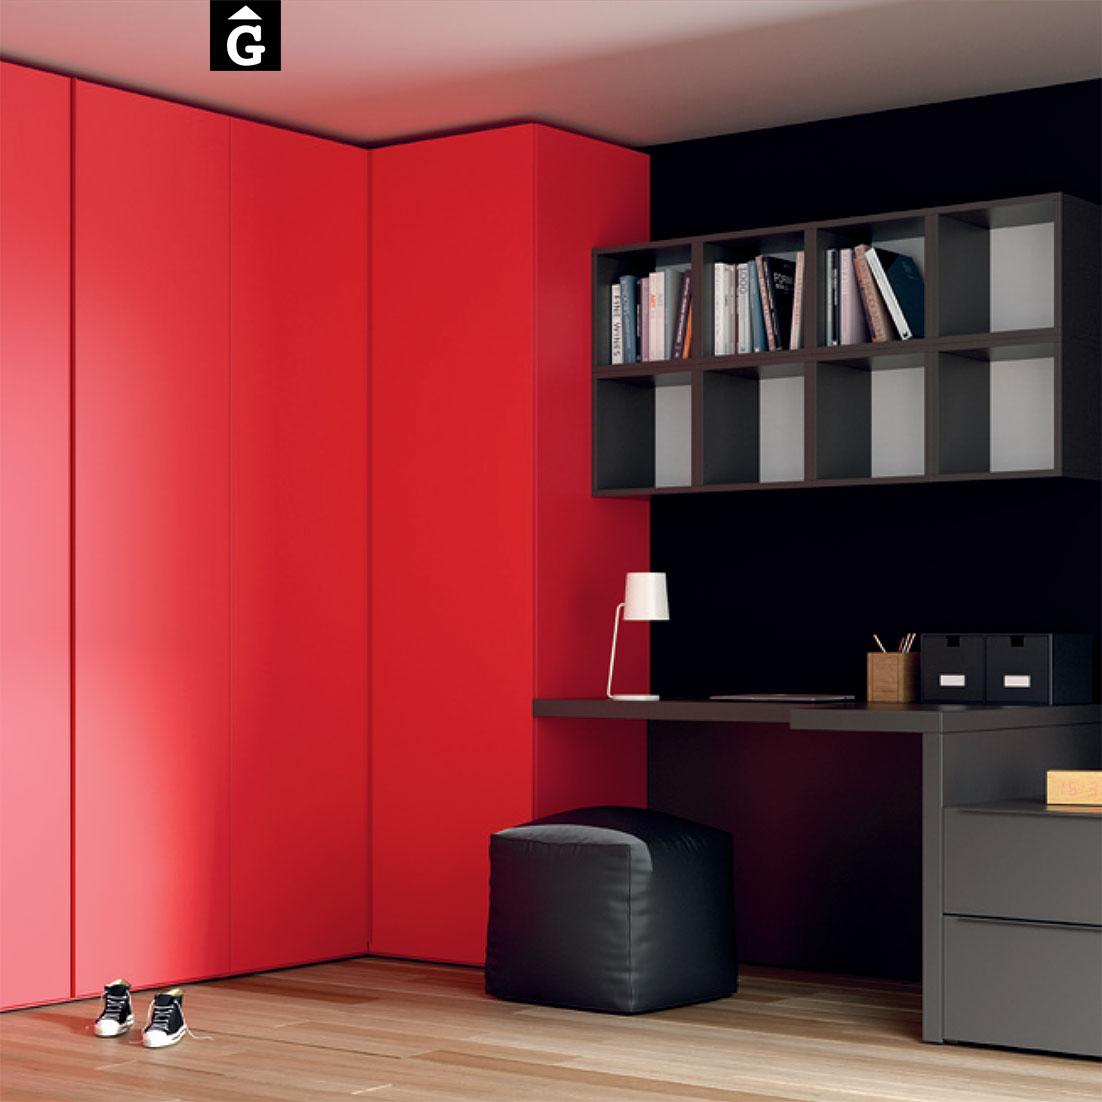 Infinity red habitacions juvenils dissenys pr ctics i actuals - Infinity jjp ...